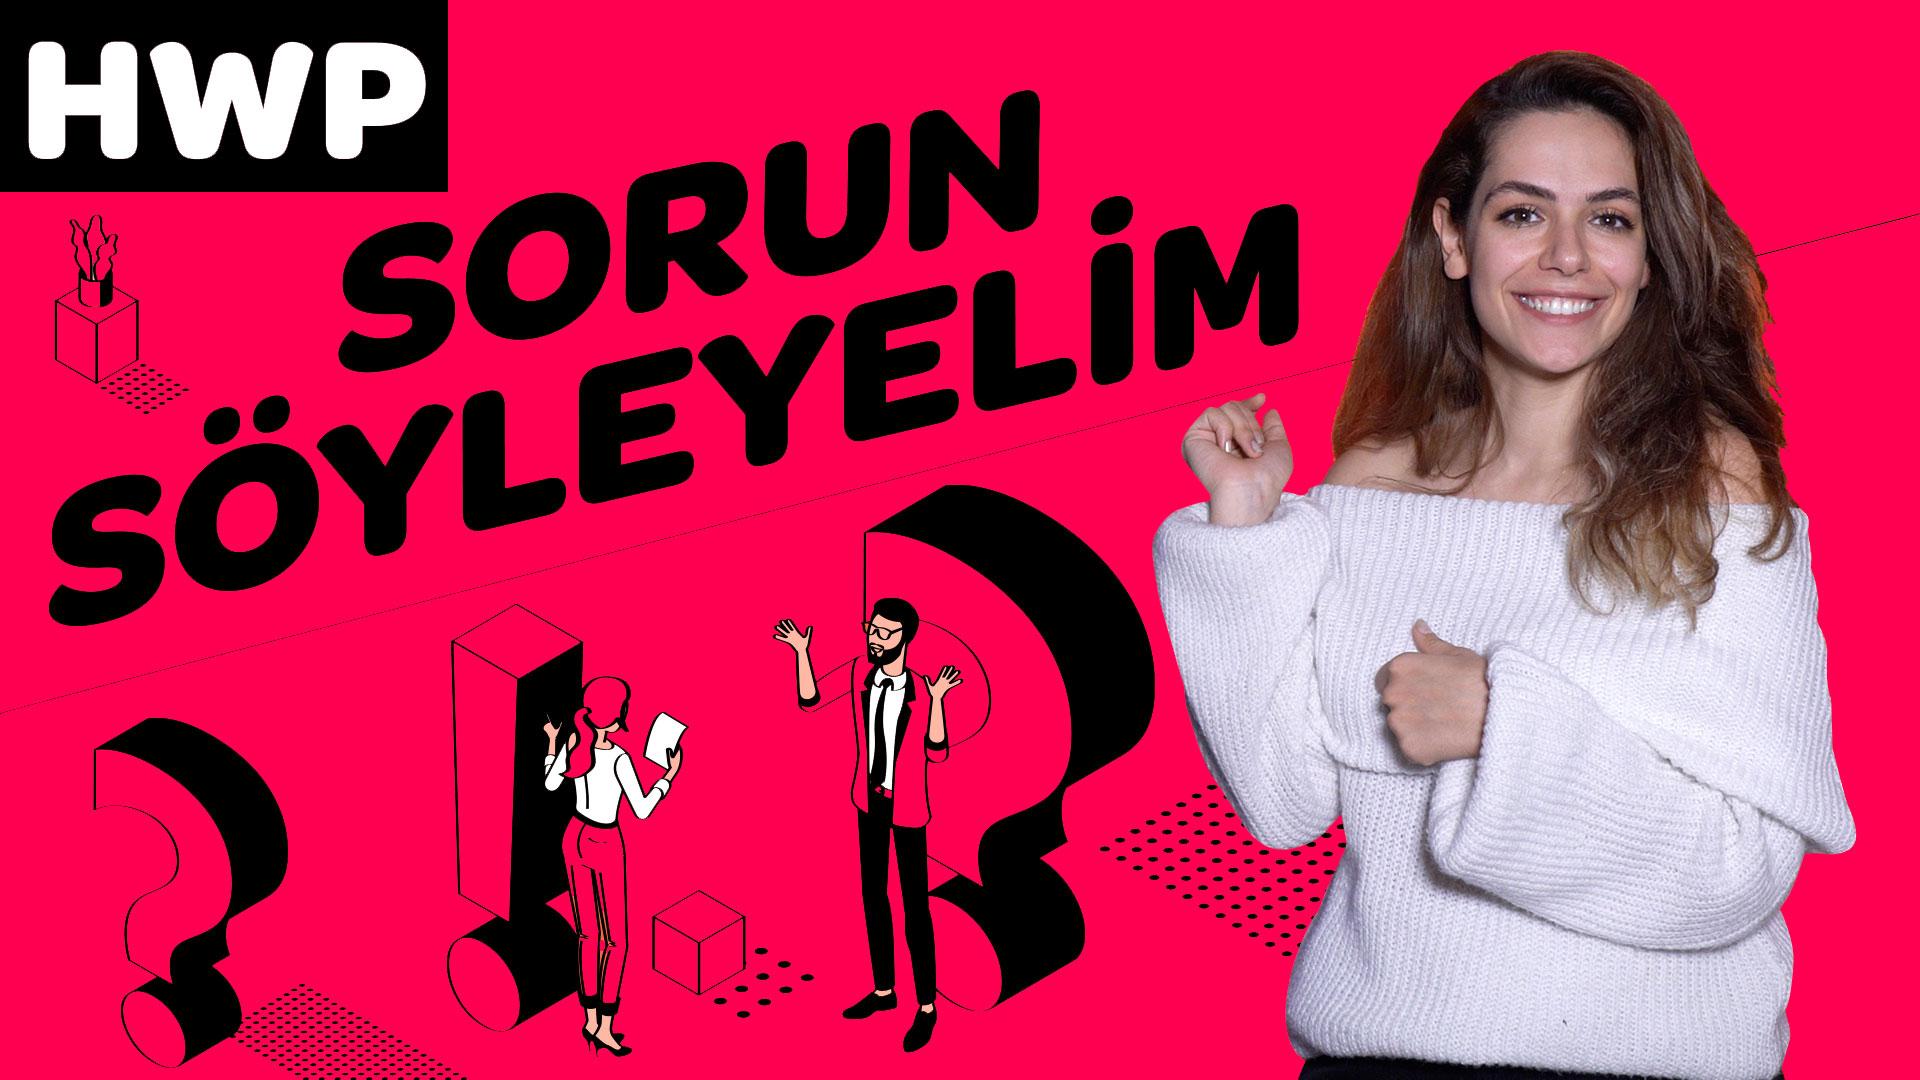 Türkiye dışında nerede yaşamak isterdik?   Sorun Söyleyelim #4